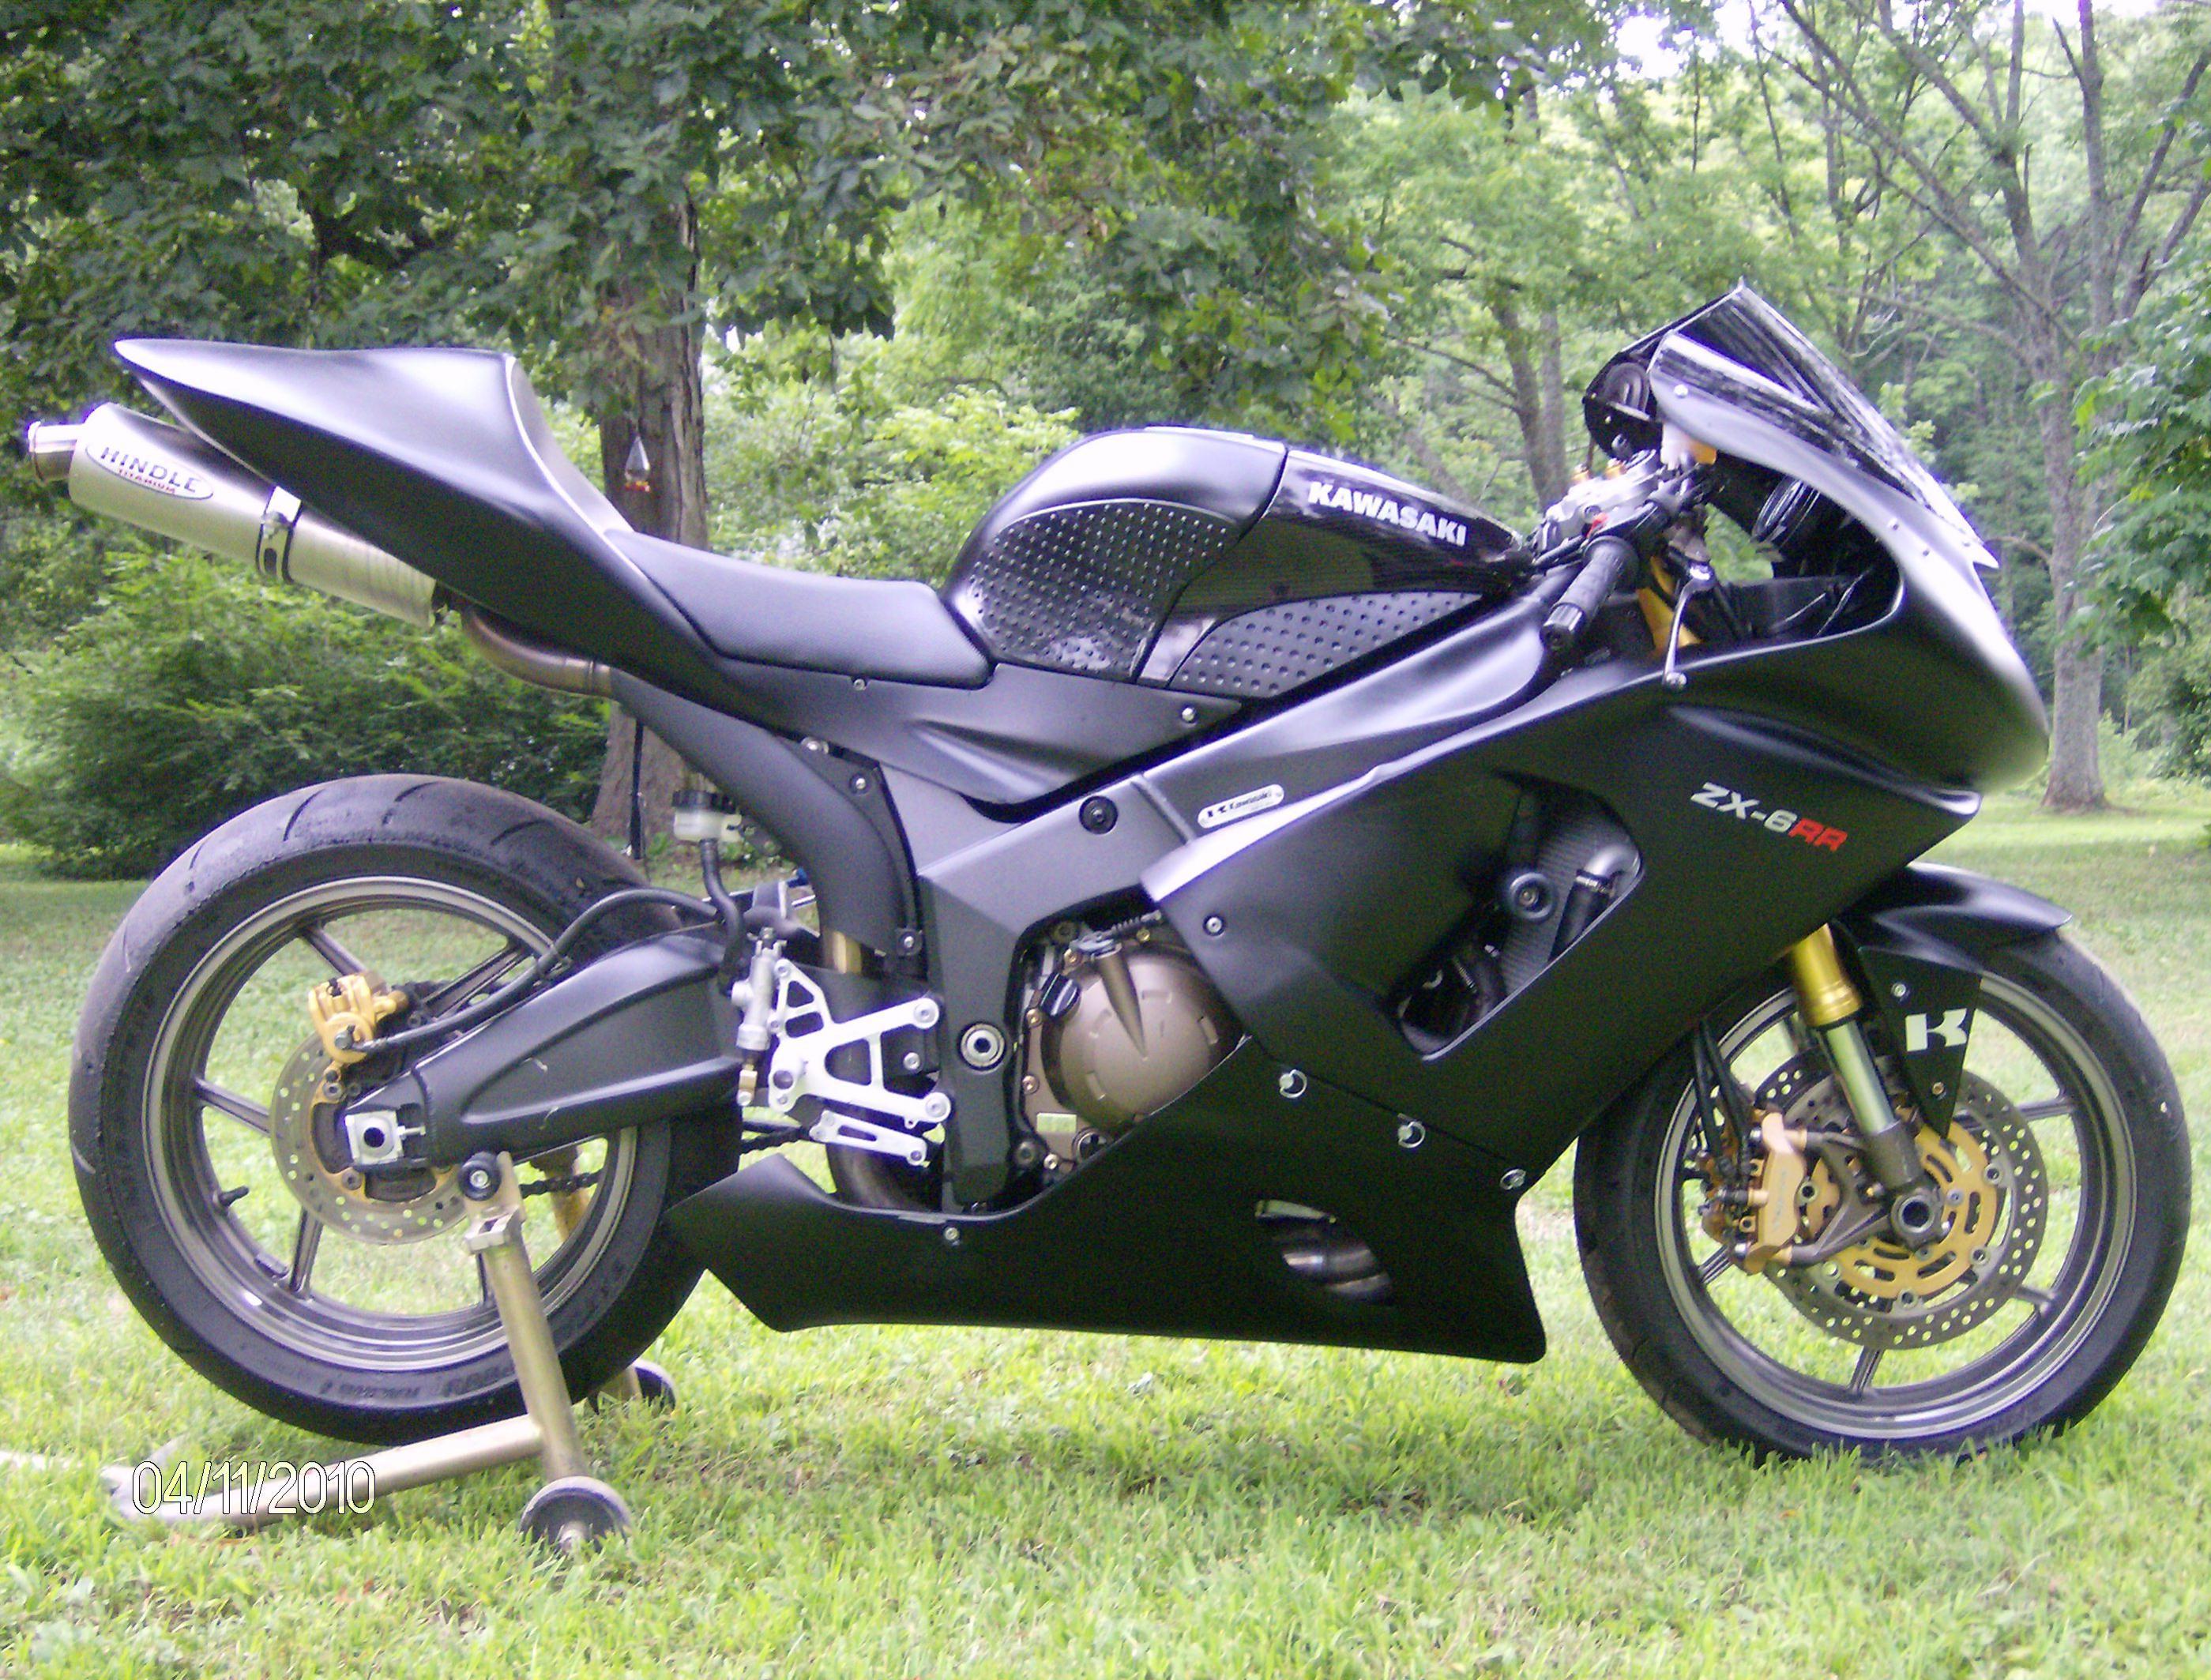 05 Kawasaki Zx6rr 600 Track Bike For Sale